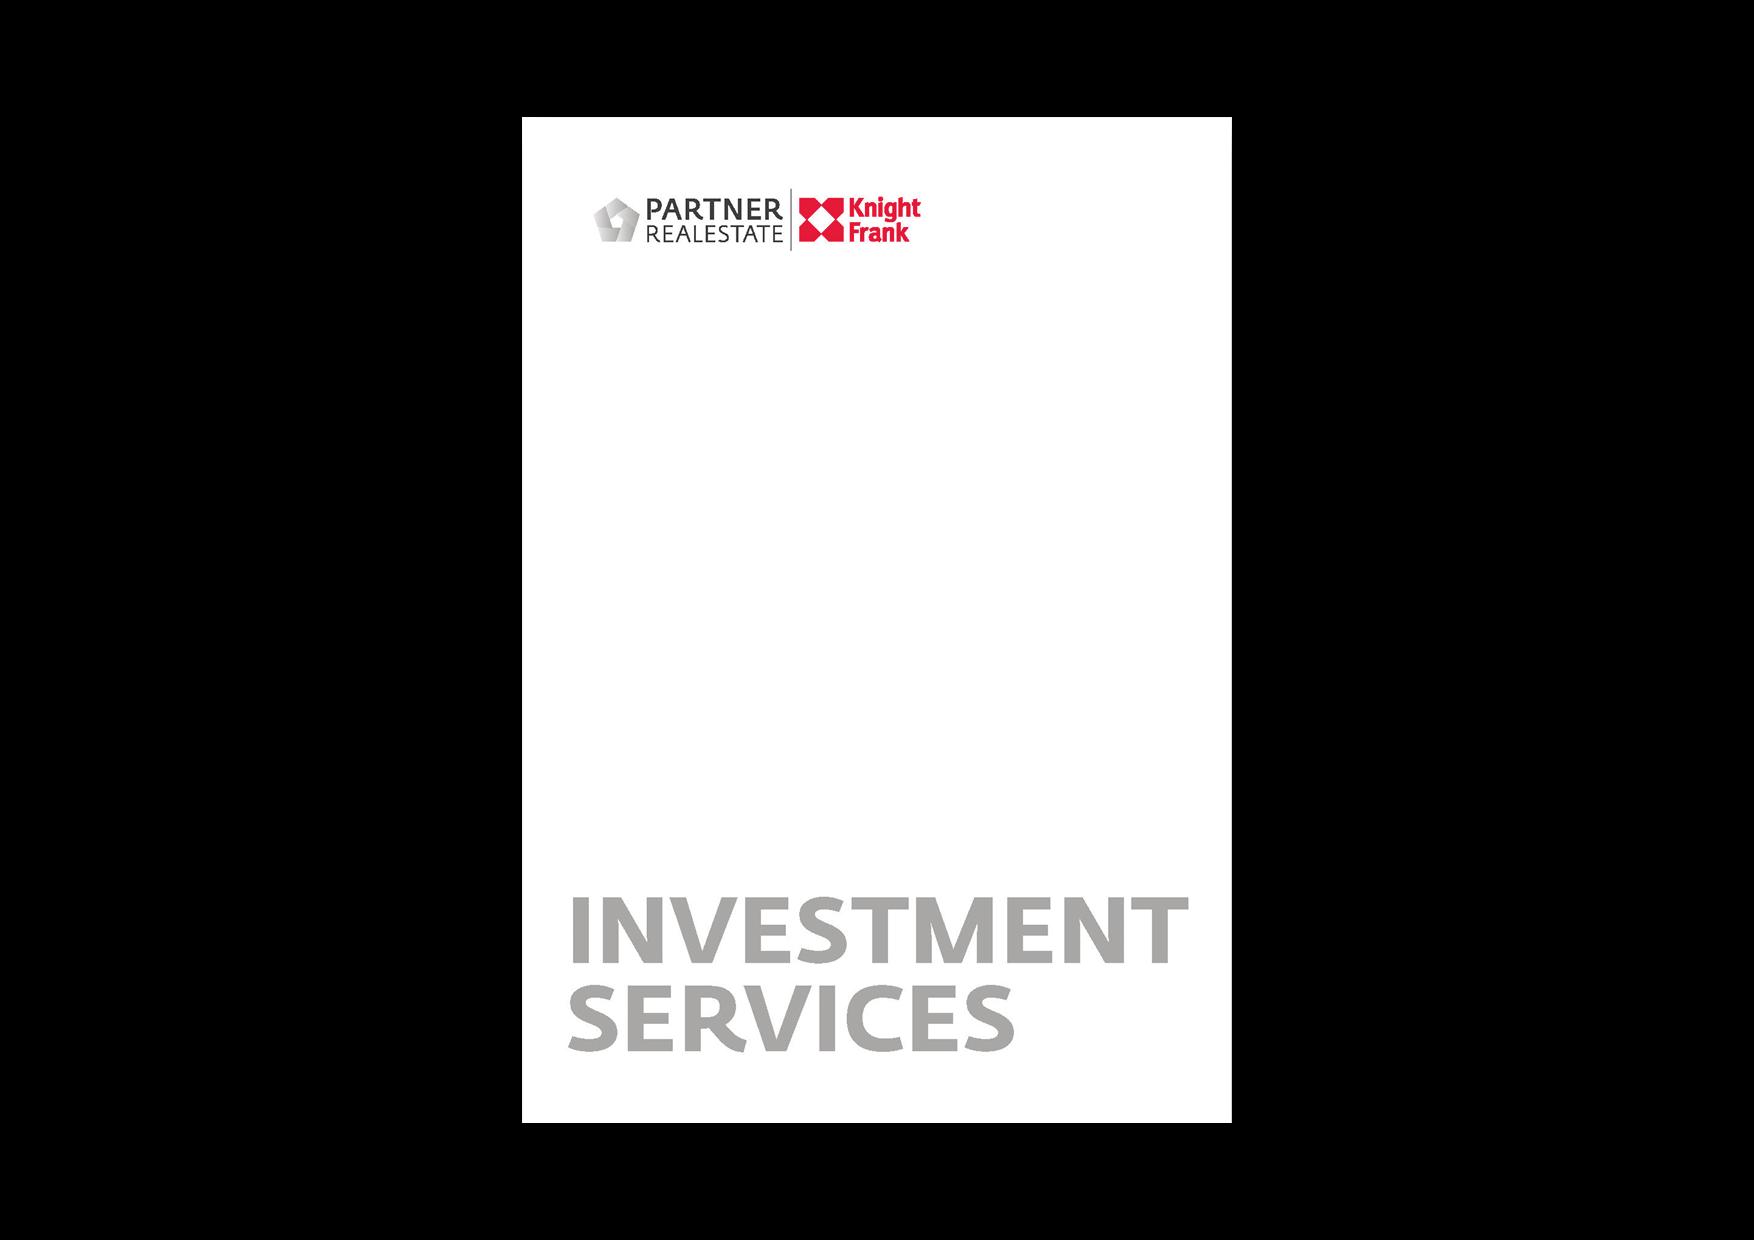 Investment Services (Englisch)